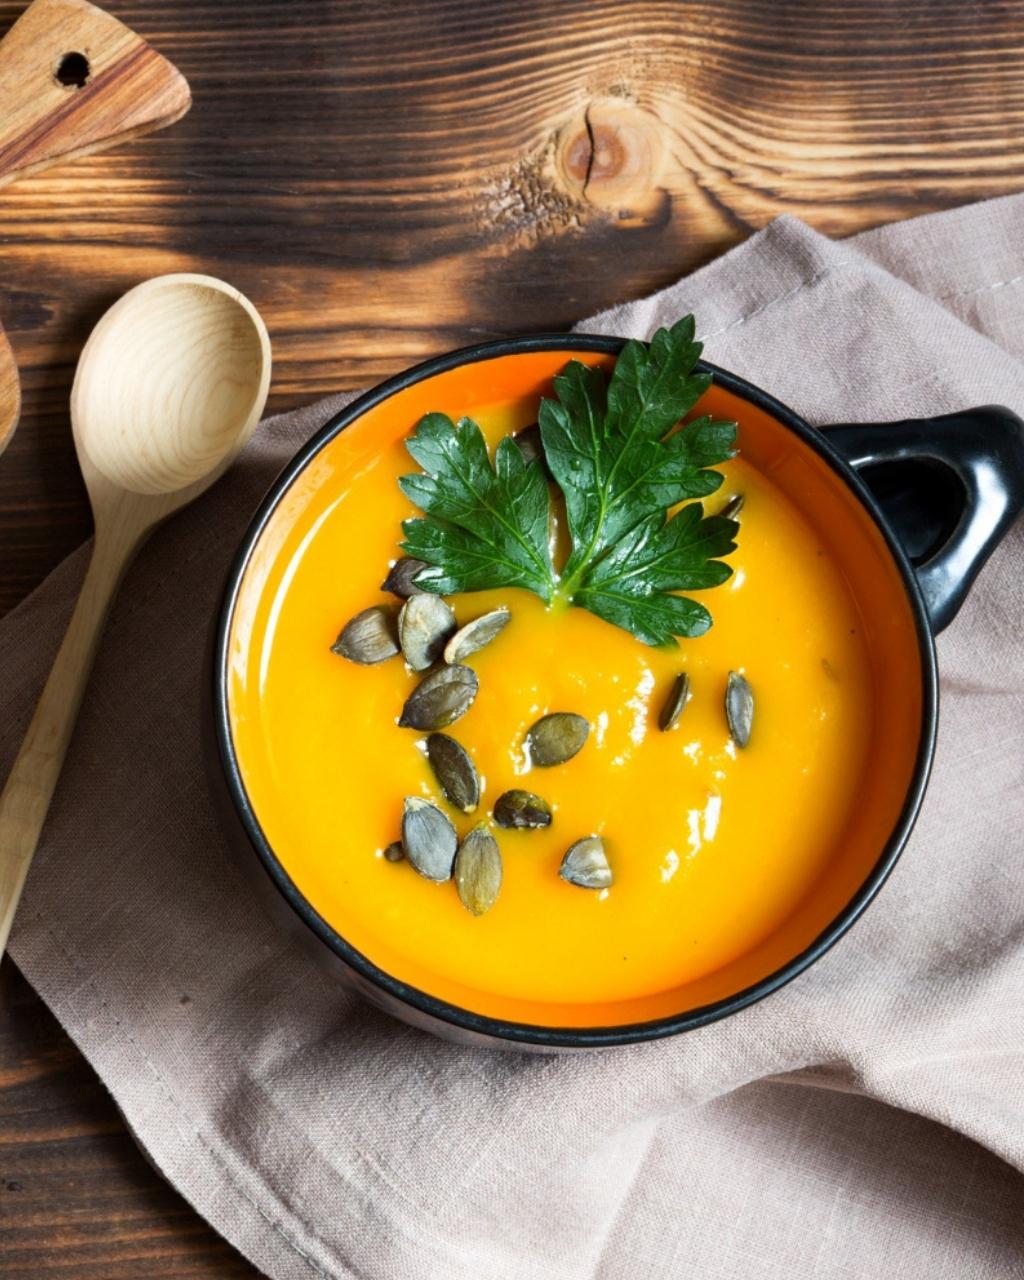 37 pomysłów na rozgrzewające jesienne potrawy